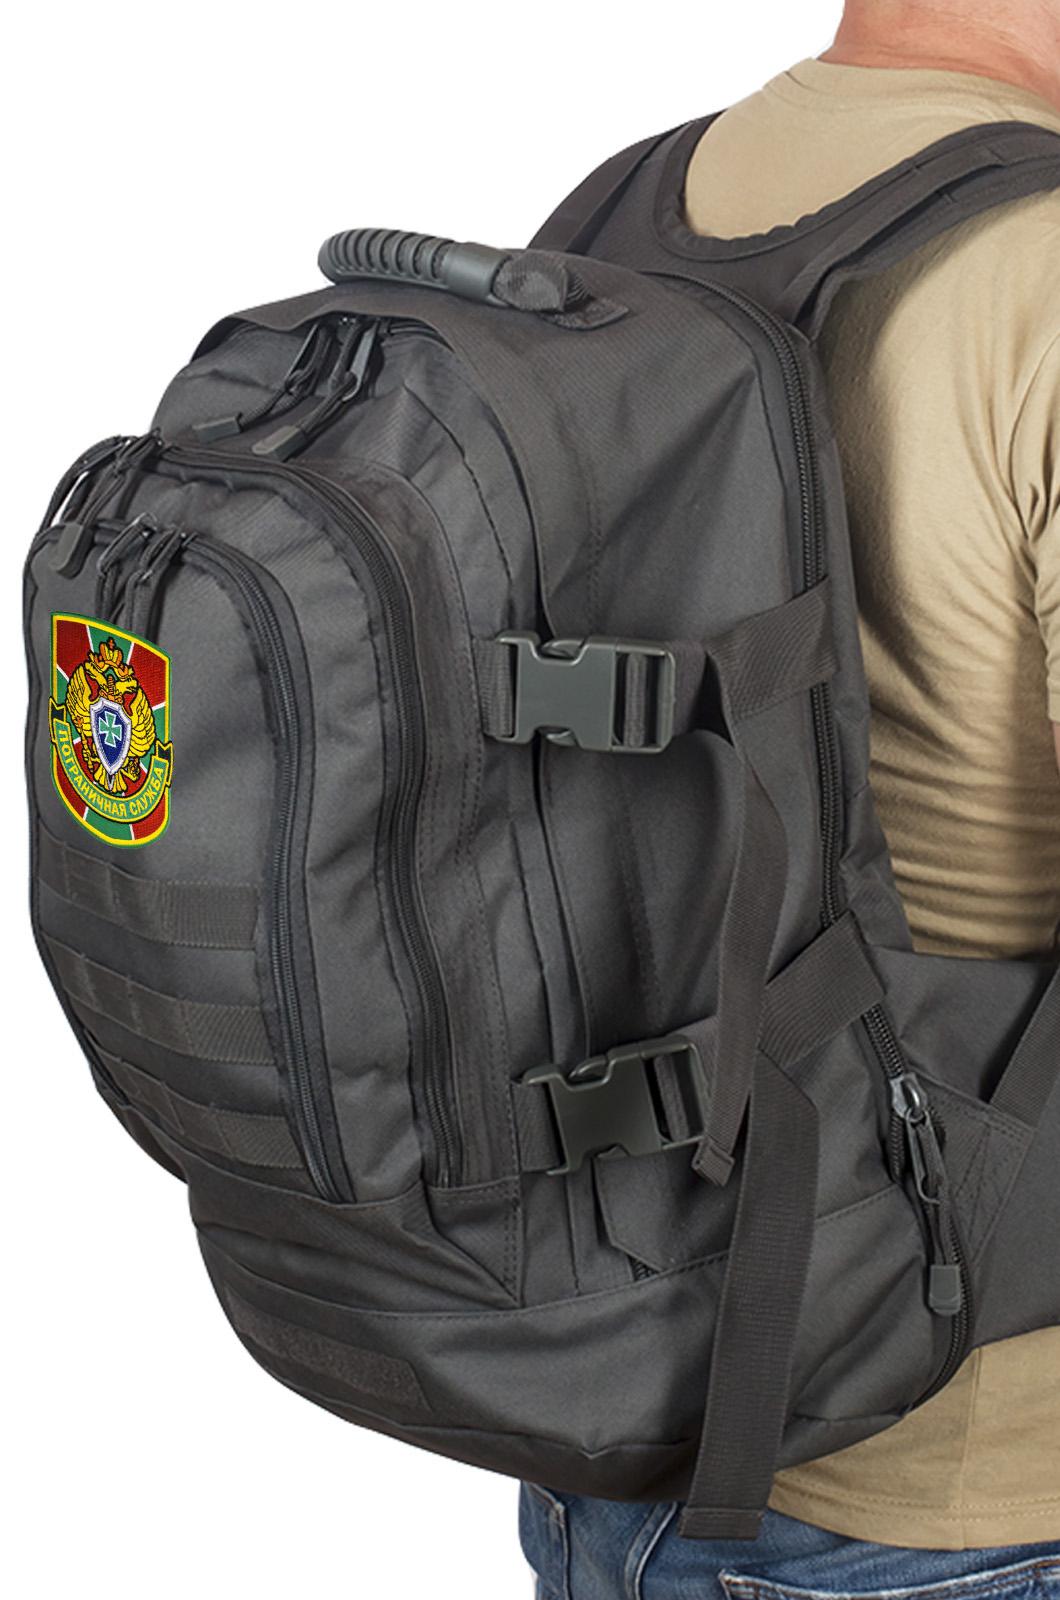 Универсальный черный рюкзак с нашивкой Погранслужбы - купить онлайн